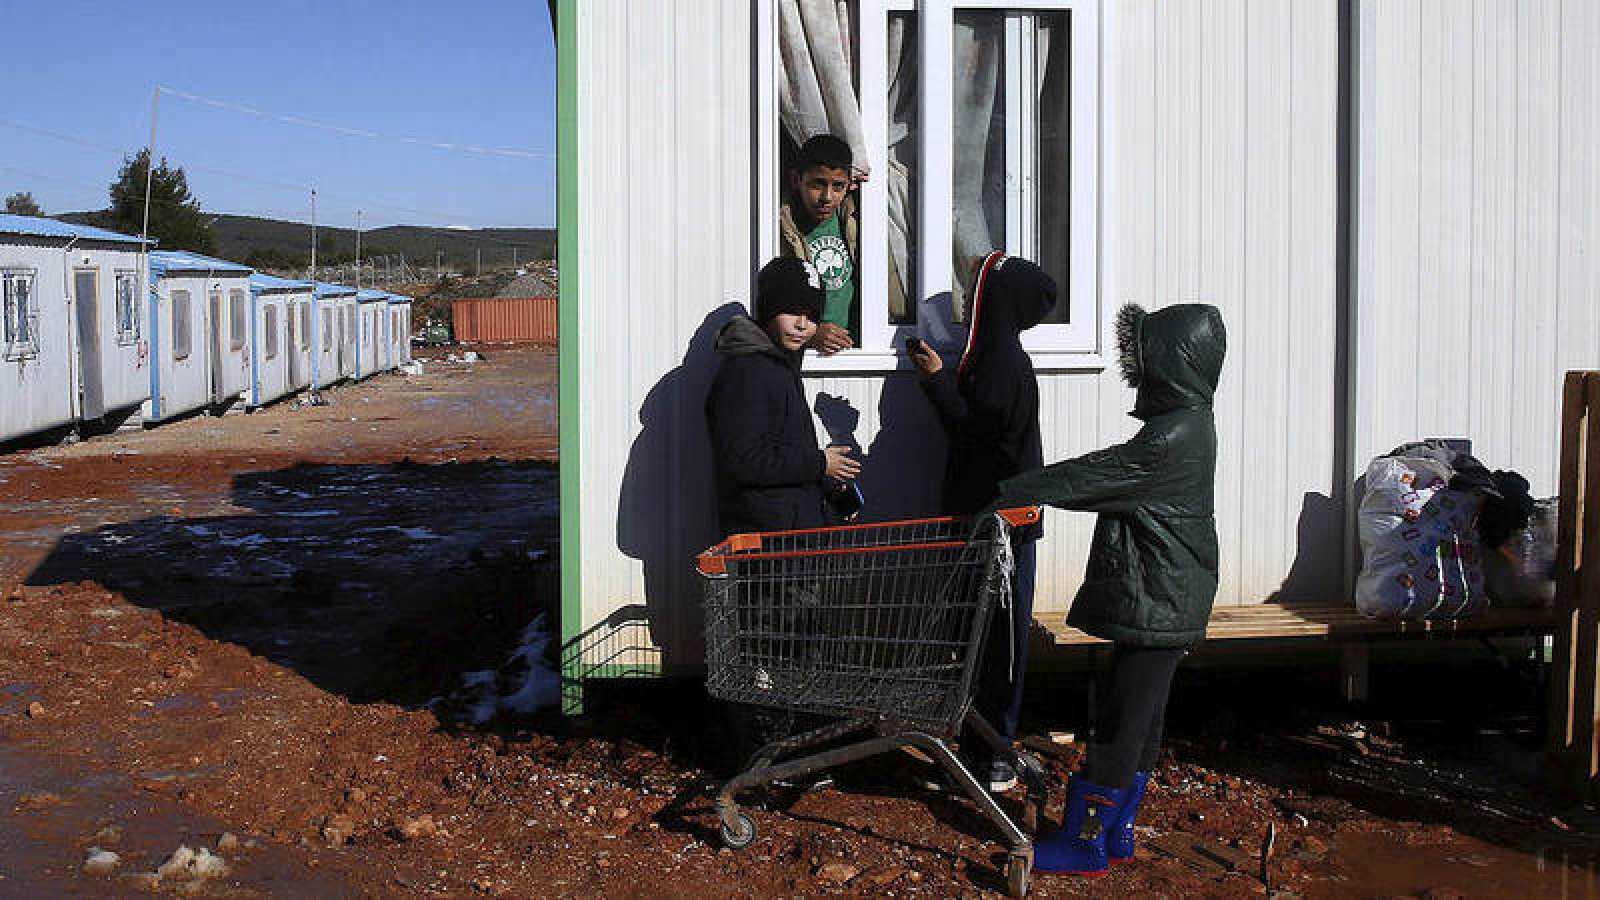 Niños refugiados hablan en el barracón donde viven en el campamento de refugiados de Malakasa, a 60 kilómetros de Atenas, Grecia